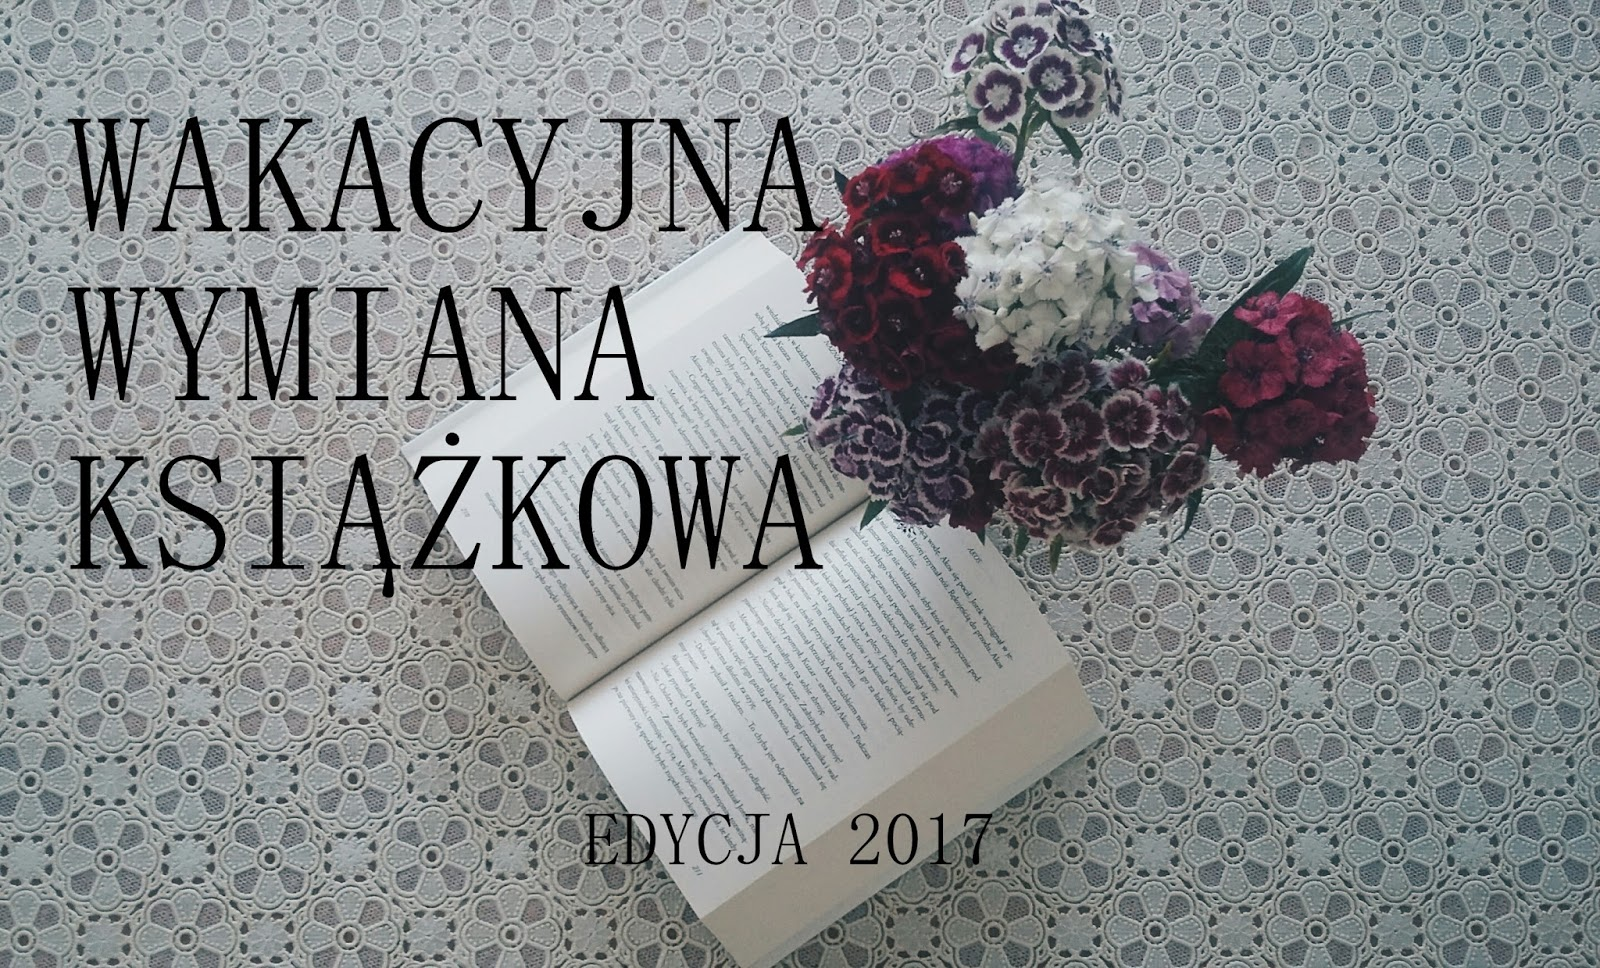 ♦ Wakacyjna Wymiana Książkowa ♦